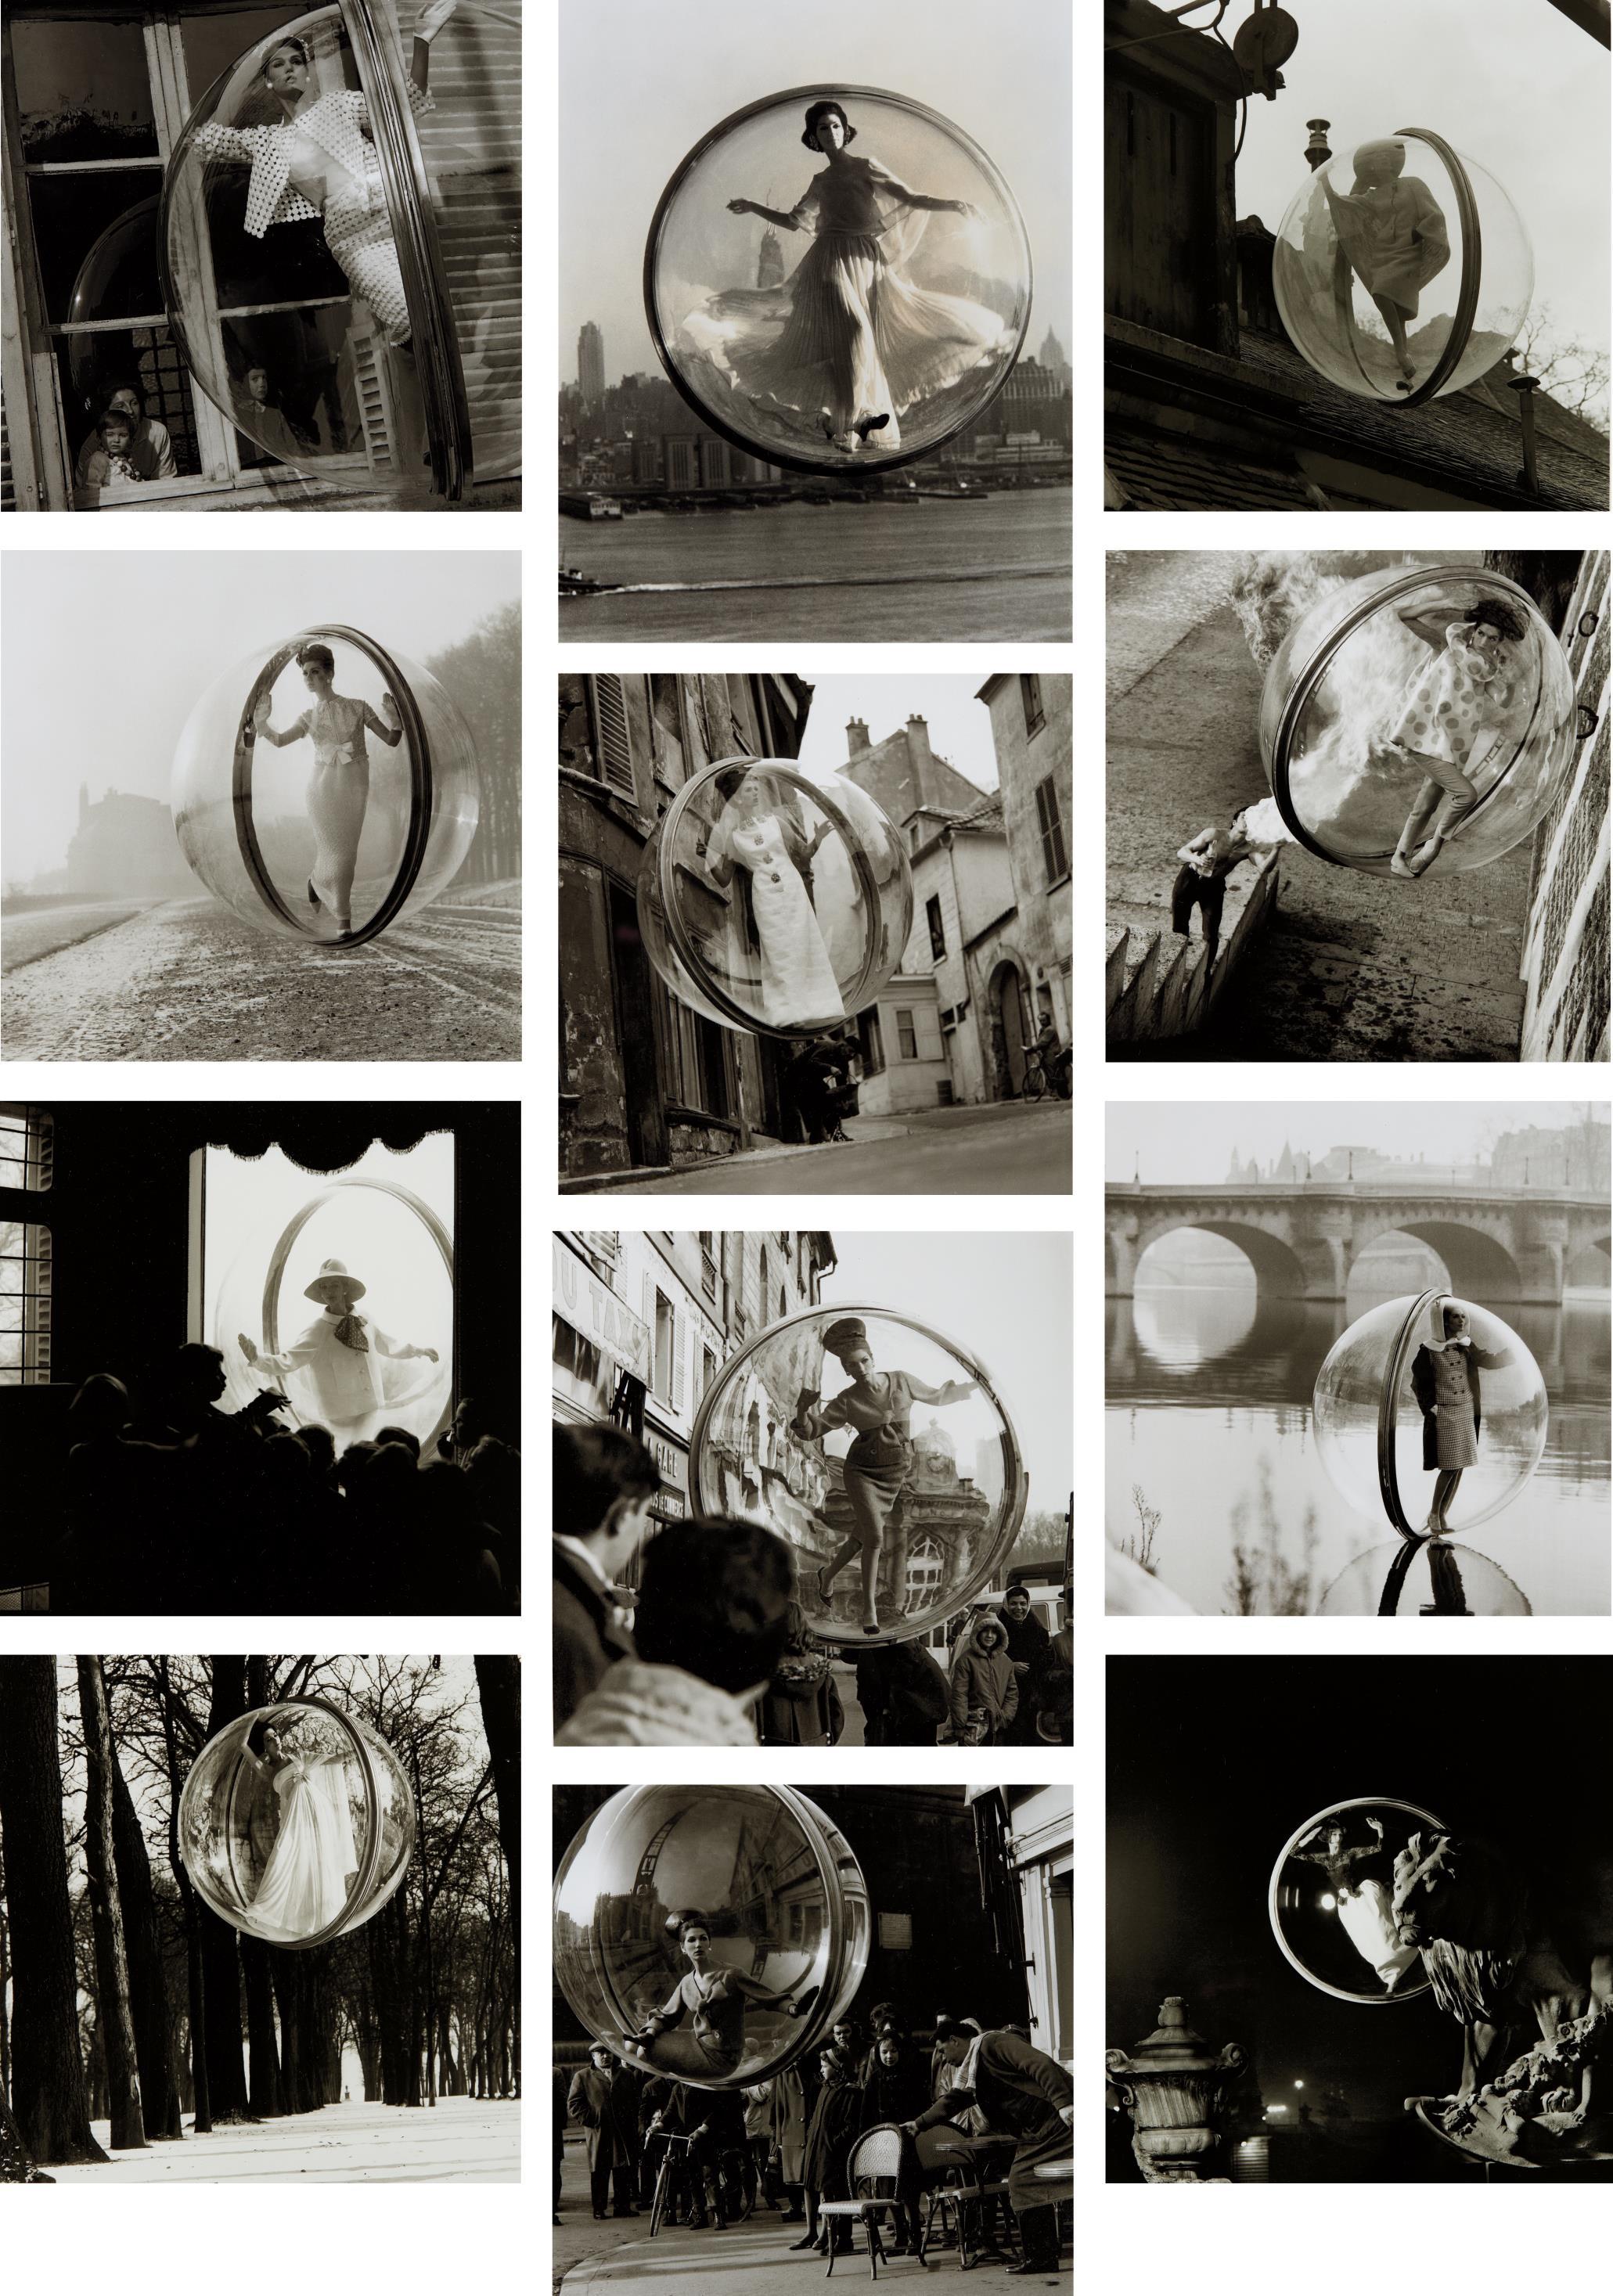 Melvin Sokolsky-Paris 1963-1963